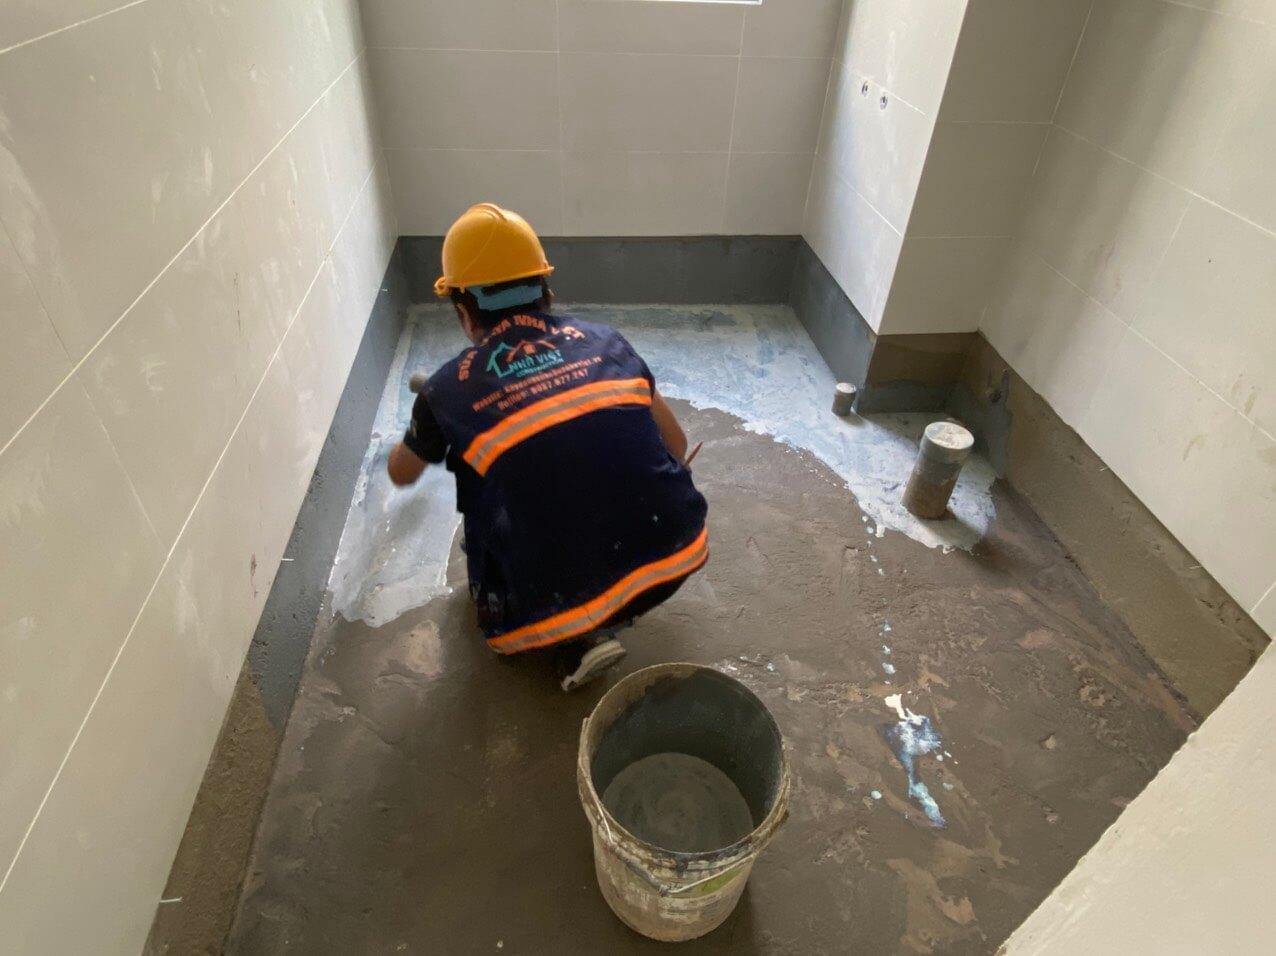 chong tham nha ve sinh chung cu 16 - Chống thấm nhà vệ sinh chung cư uy tín nhất Hồ Chí Minh